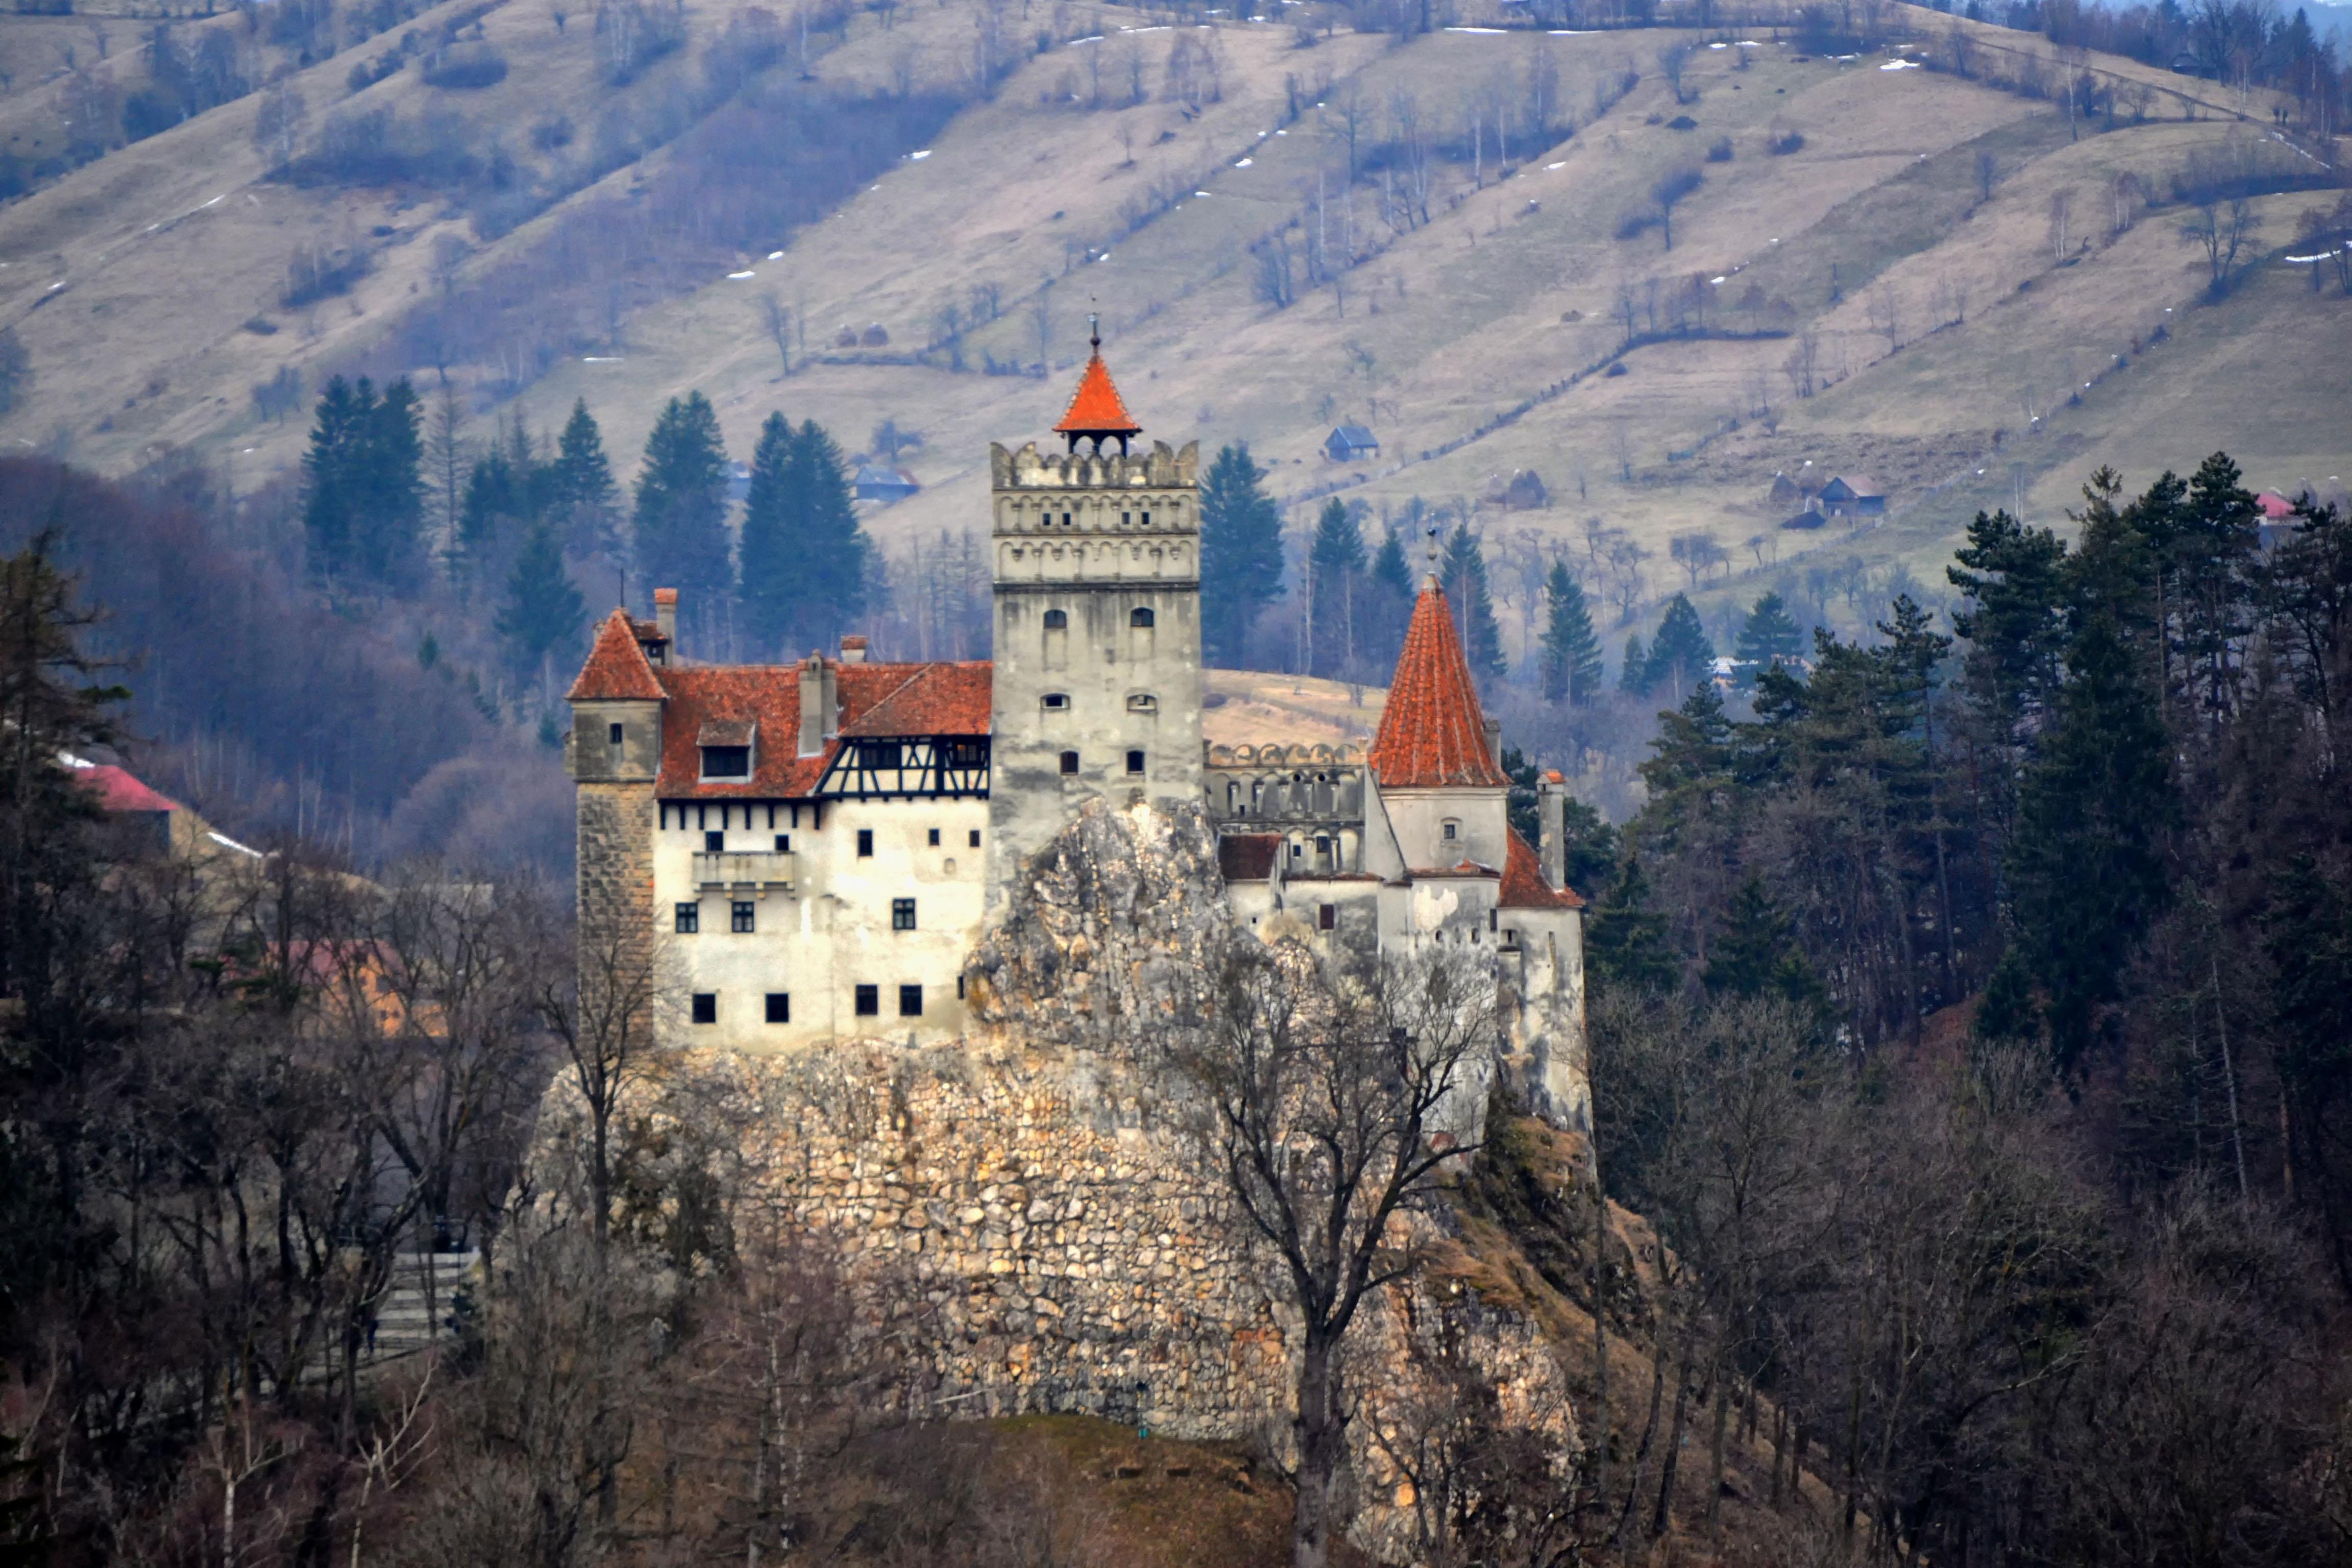 Castelul_Bran_-_panoramio